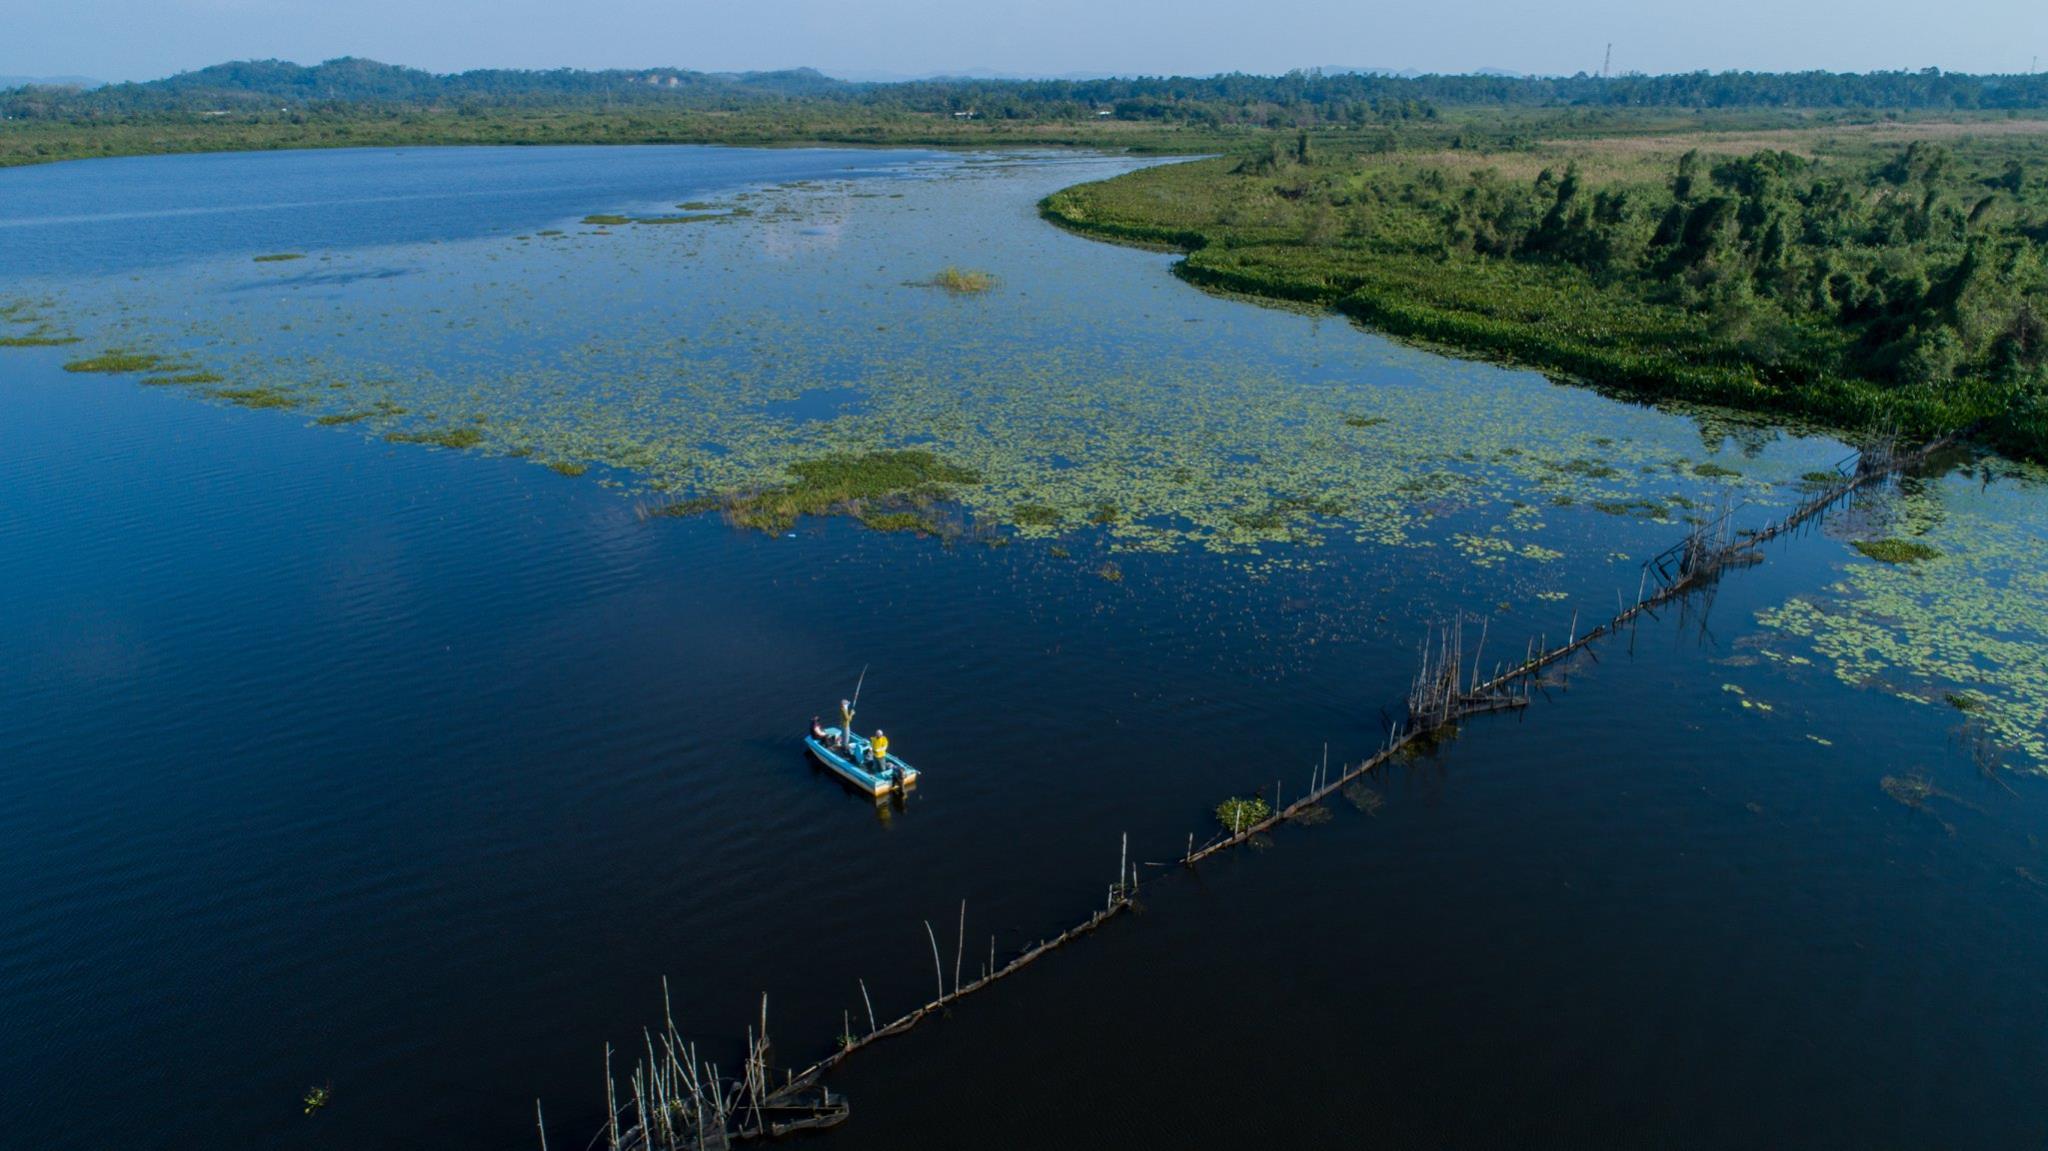 Bolgoda Lake Fishing Sri Lanka.jpg